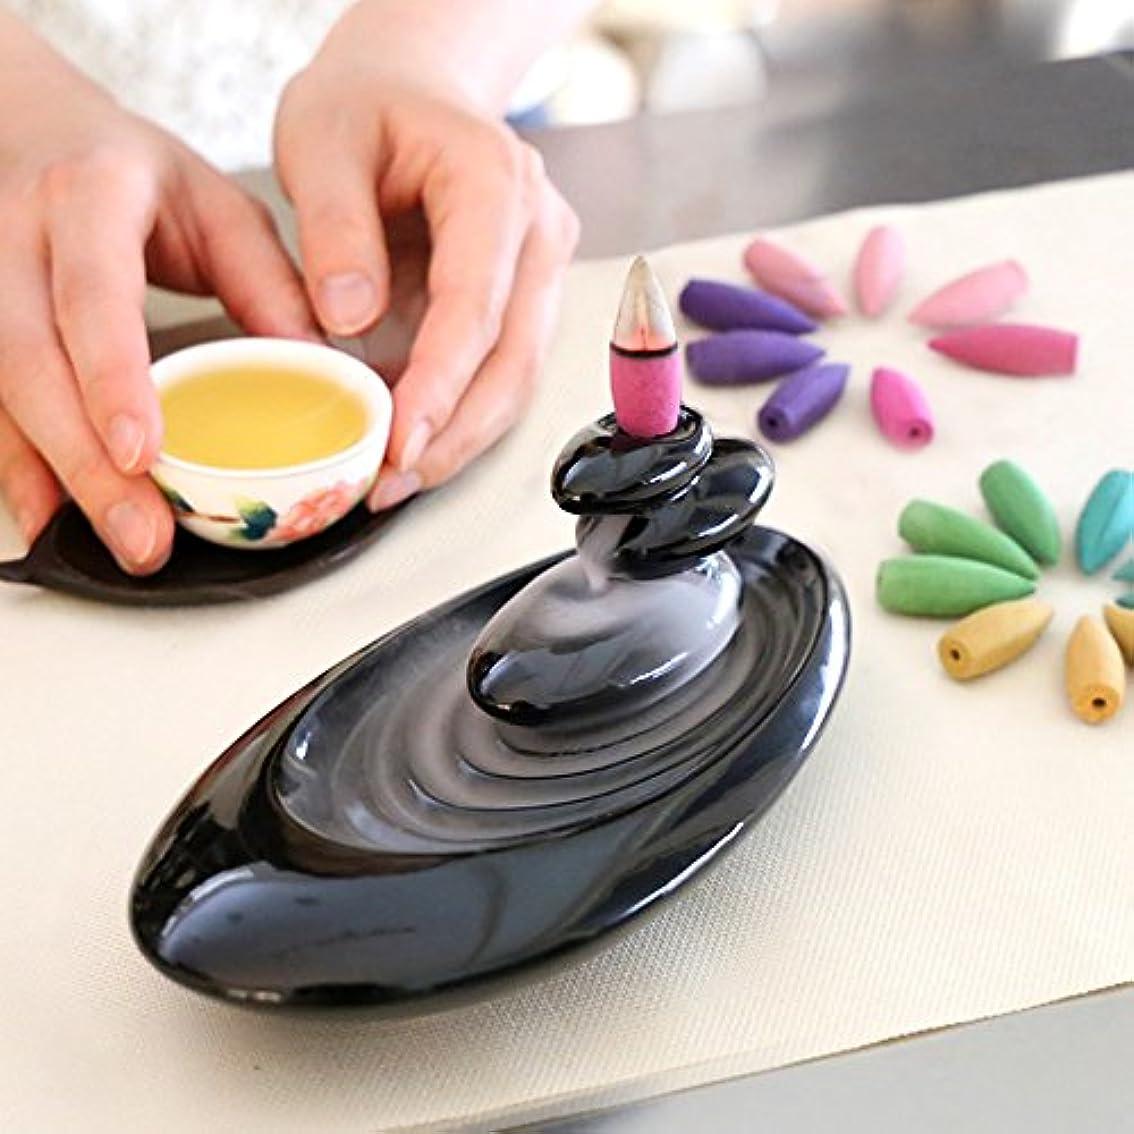 収容するサスティーン怖い倒流香 香炉 シンプル 6種の香り アロマ香炉 ギフトBOX仕様 アロマインセンス 逆流香 誕生日 プレゼント (誕生日カード)